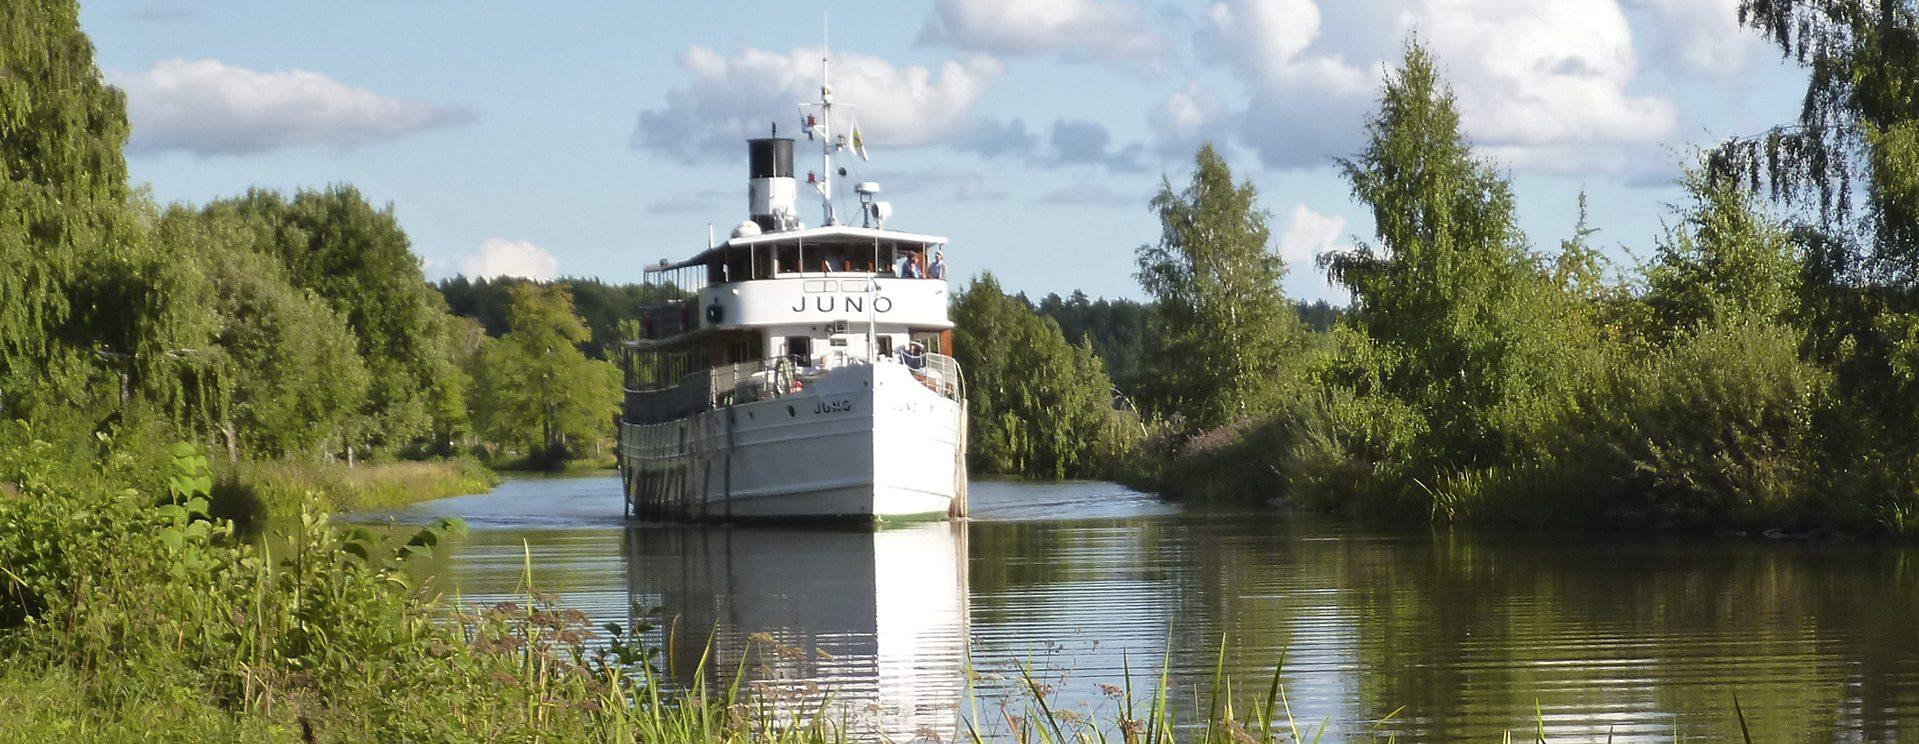 Göta Kanal Schiff M/S Juno